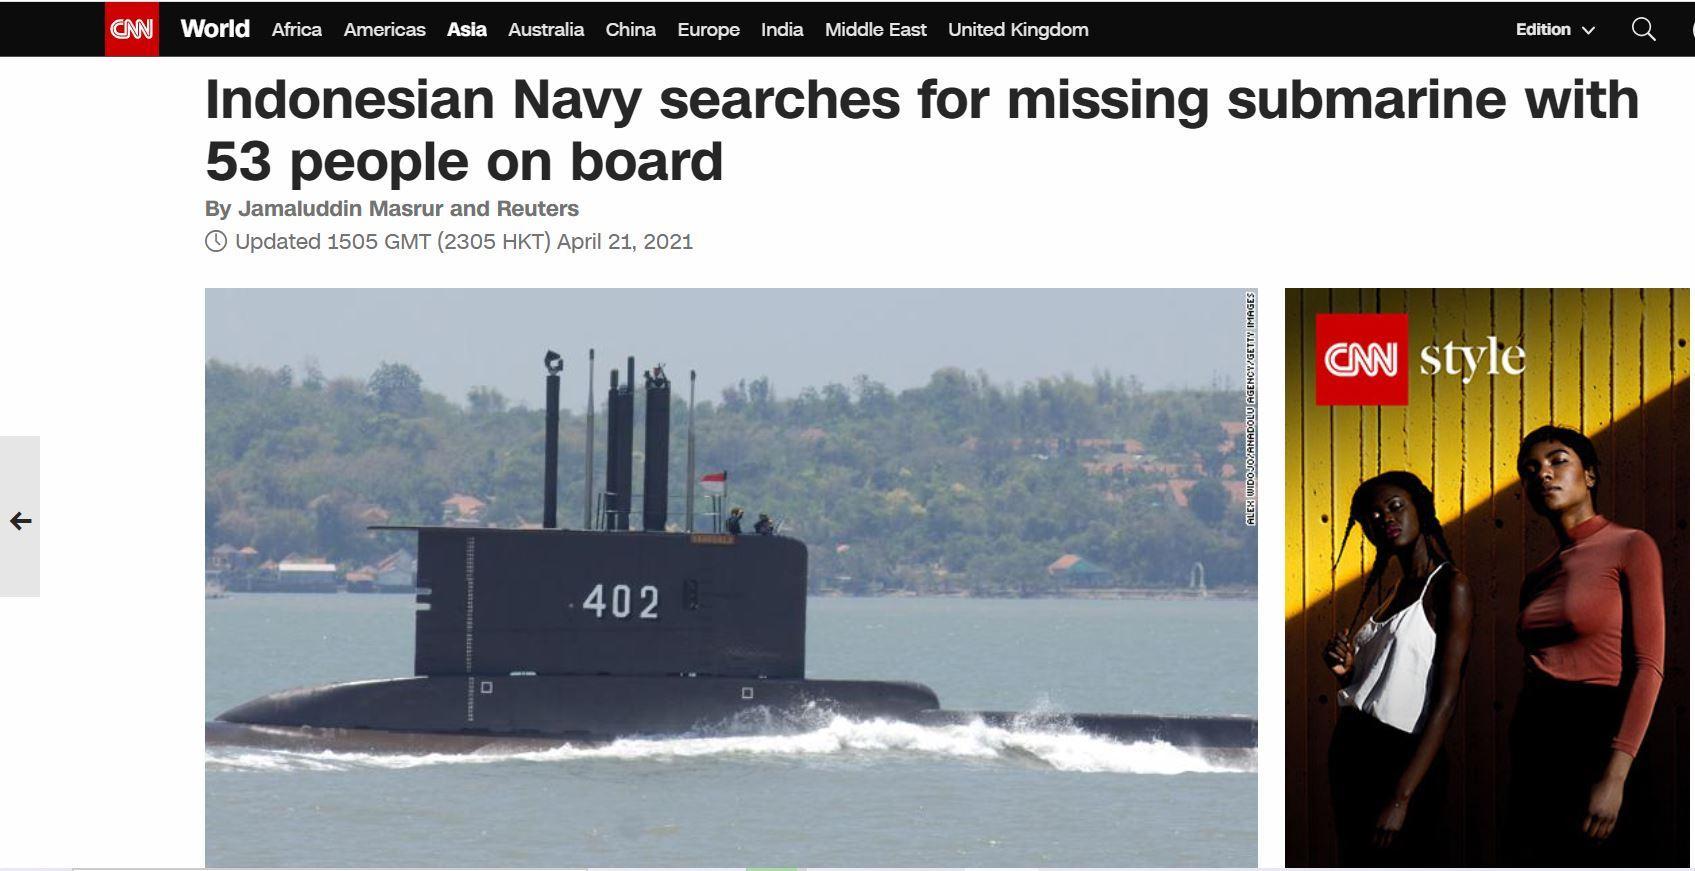 Media asing turut menyoroti insiden hilangnya kapal selam KRI Nanggala-402, yang hilang kontak pada Rabu (21/4/2021).